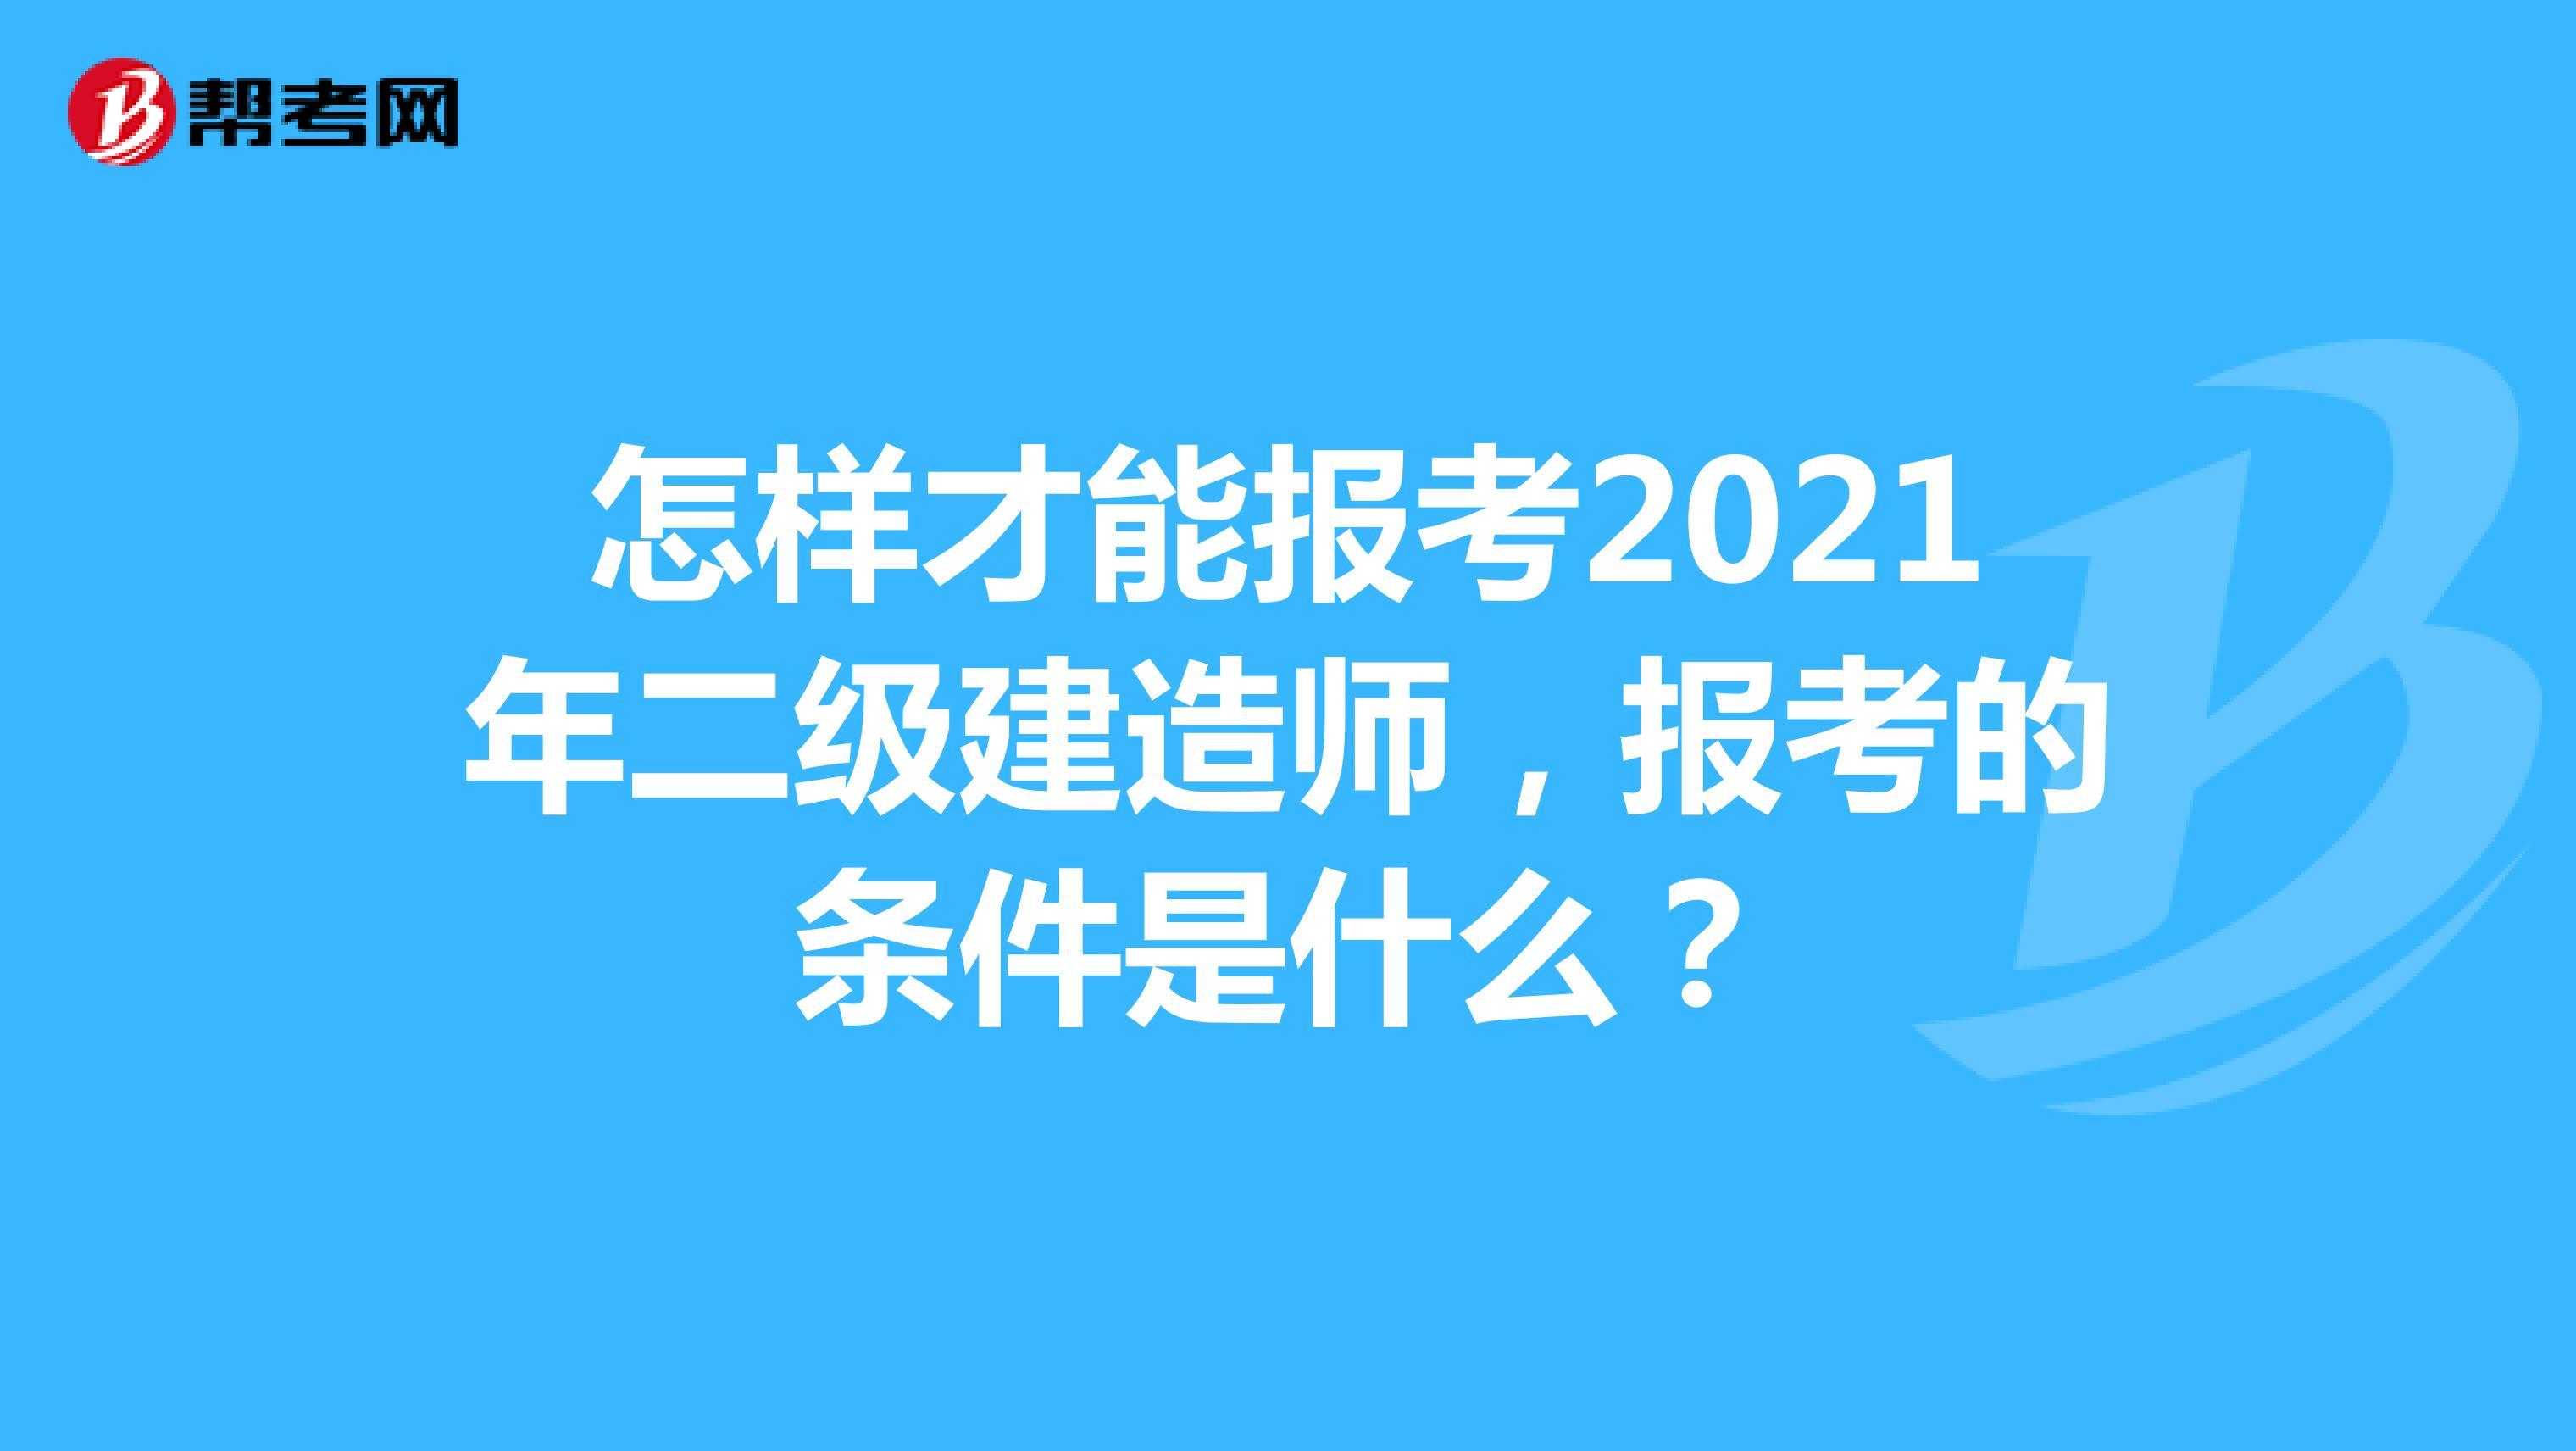 怎样才能报考2021年(hot88体育官网)二级建造师,报考的条件是什么?